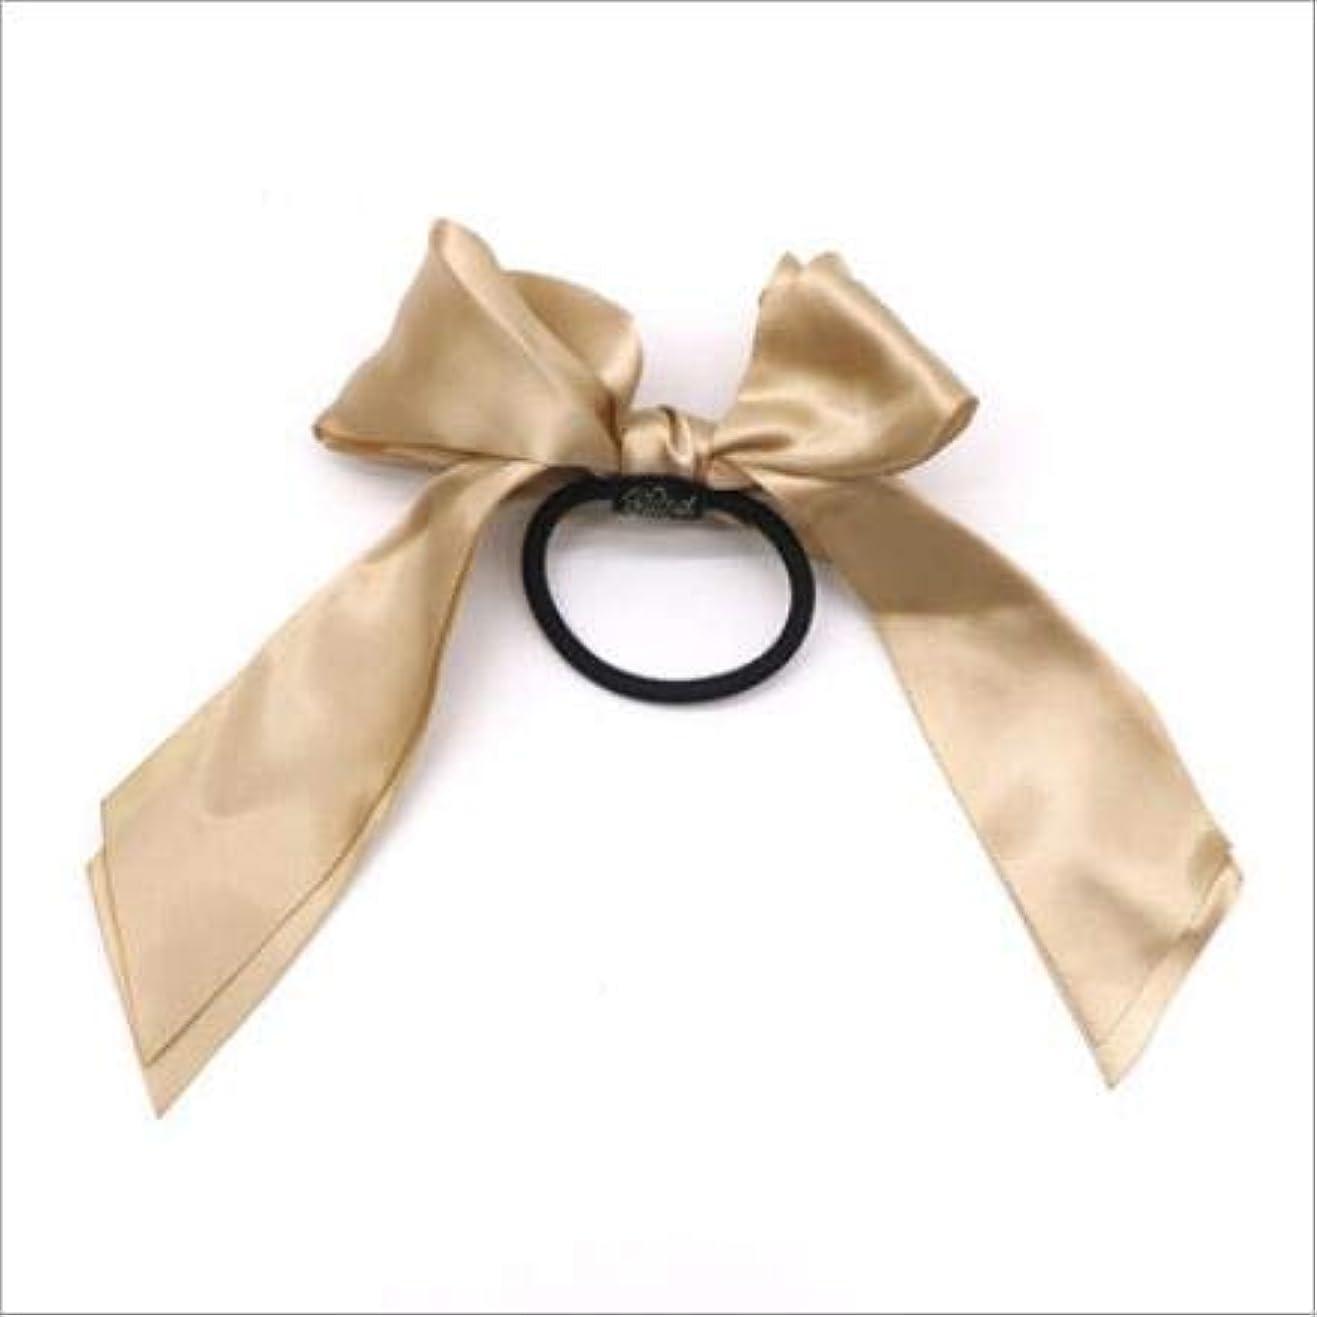 ブルメールを書く弁護人Hairpinheair YHM 3PCS女性ラバーバンドティアラサテンリボンボウヘアバンドロープシュシュポニーテールホルダー(ピンク) (色 : Gold)